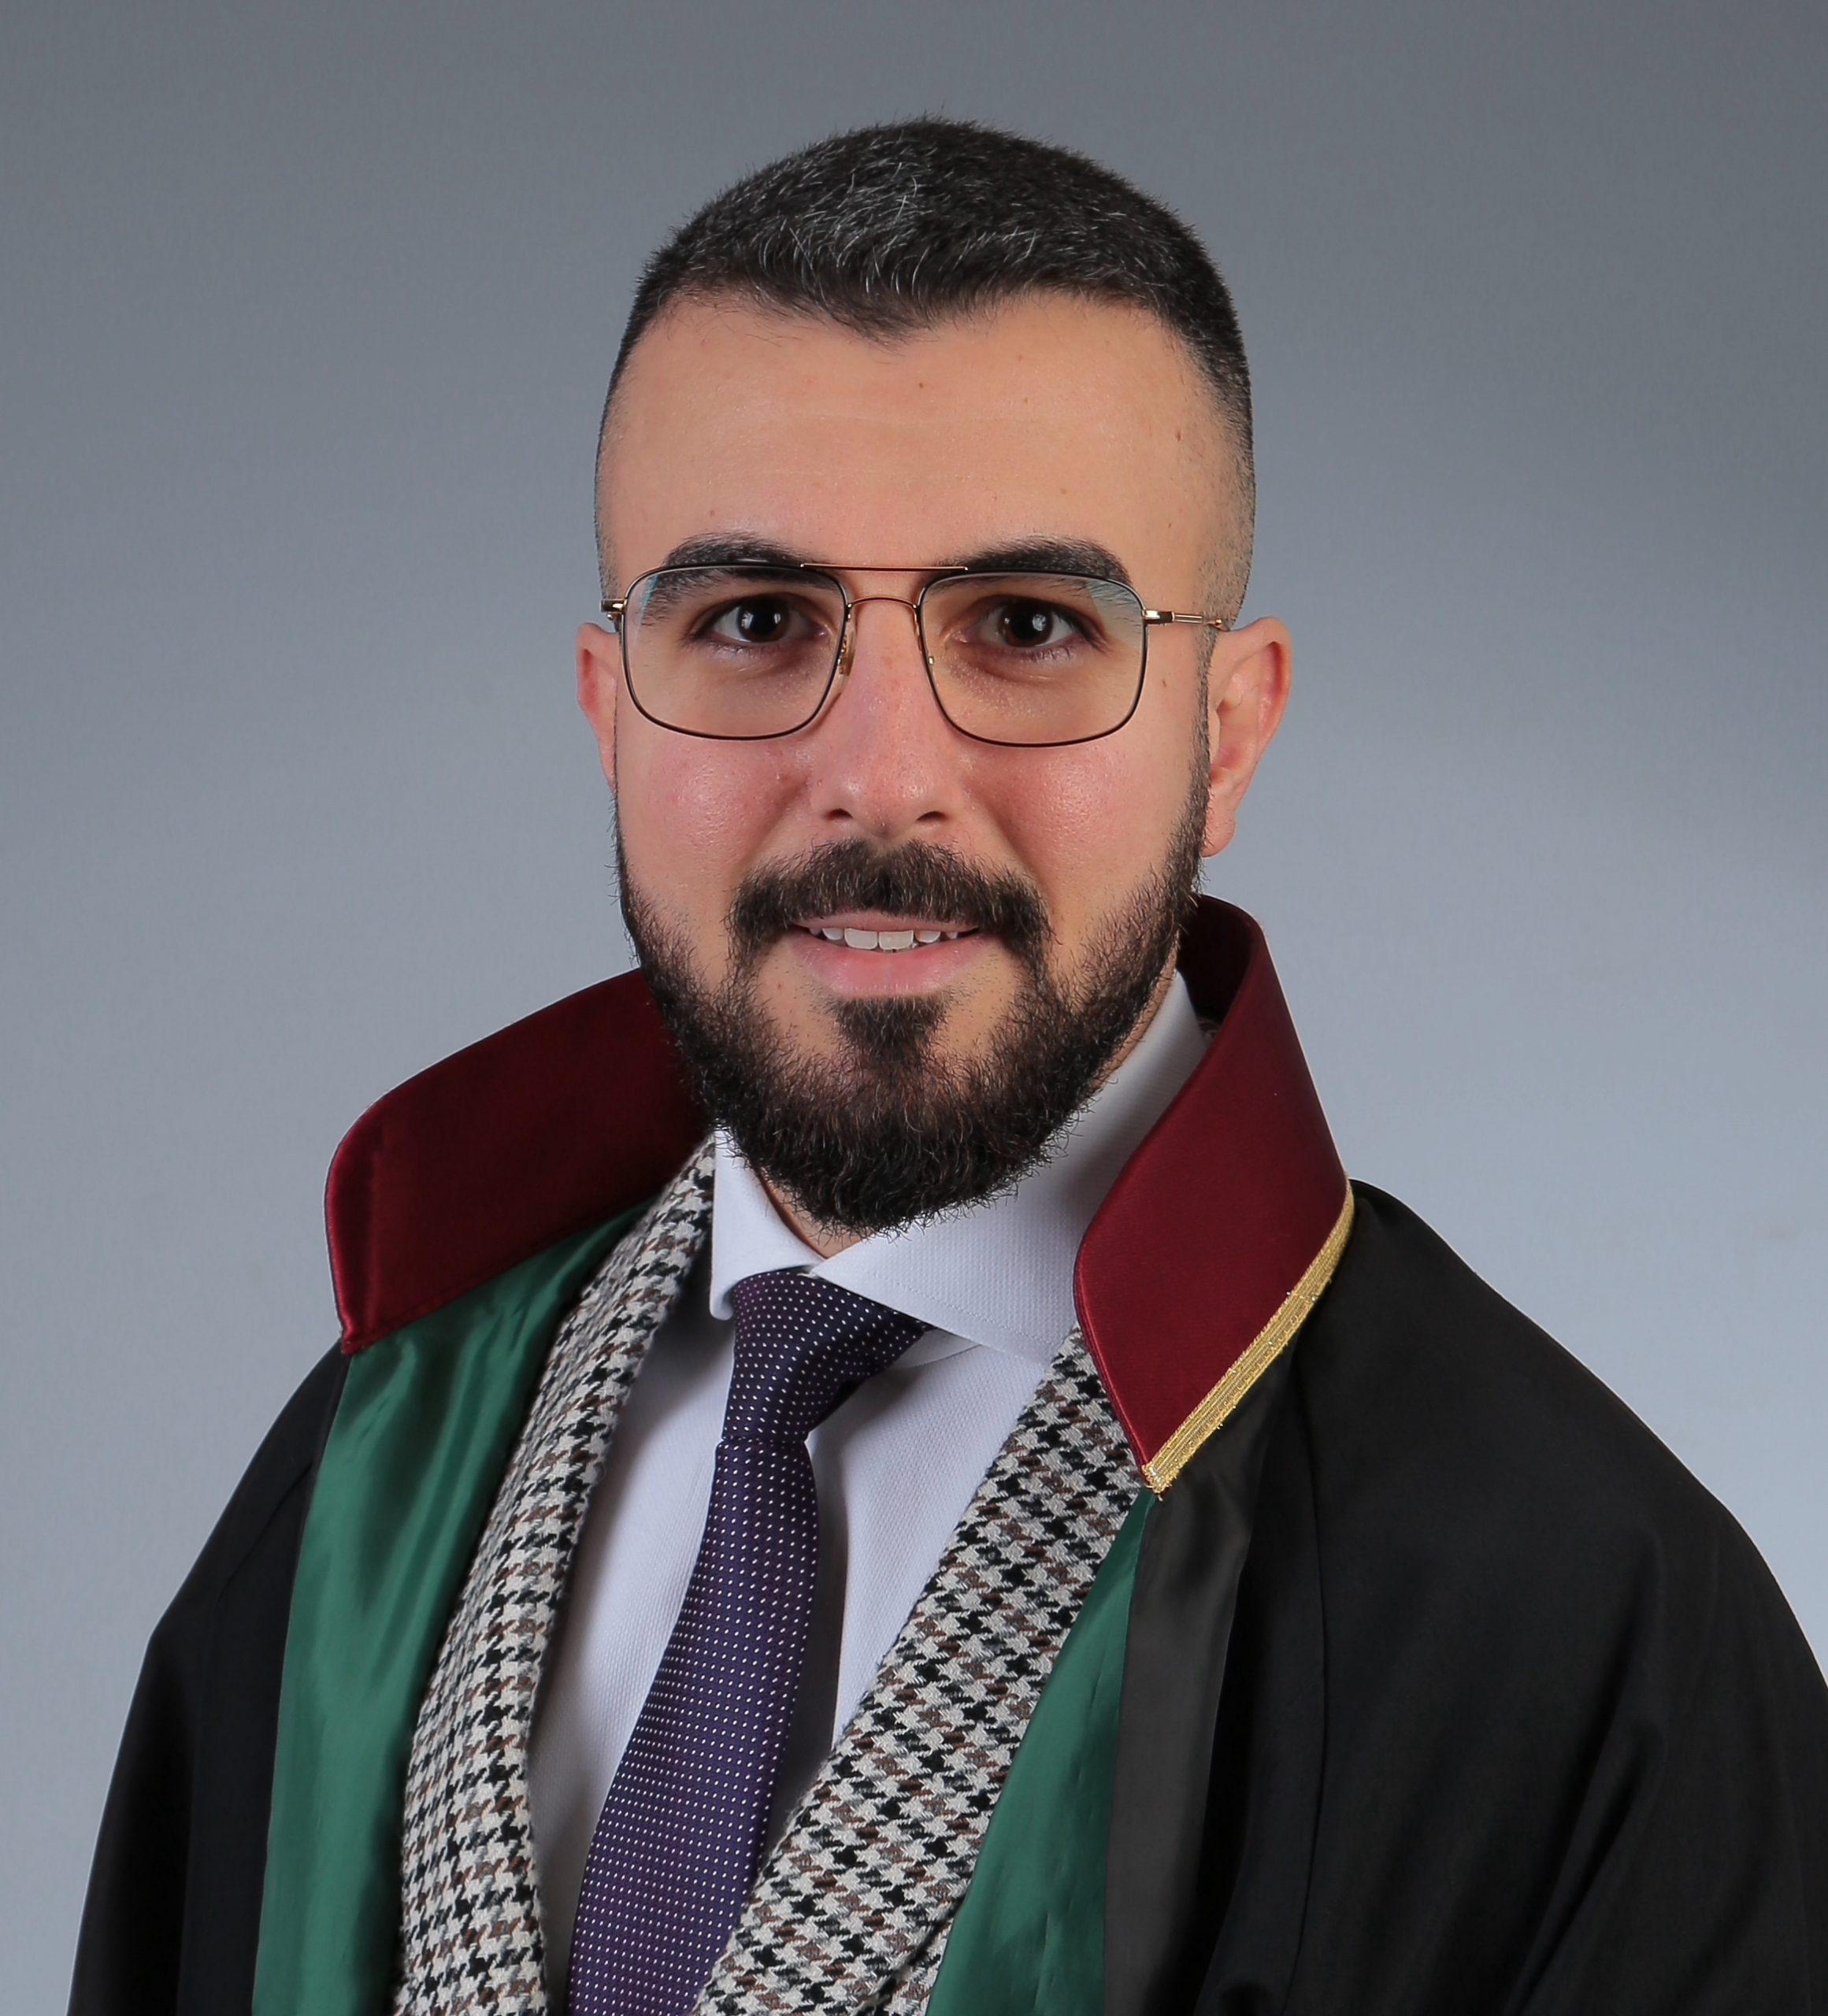 Av. Mehmet Berzan Temiz